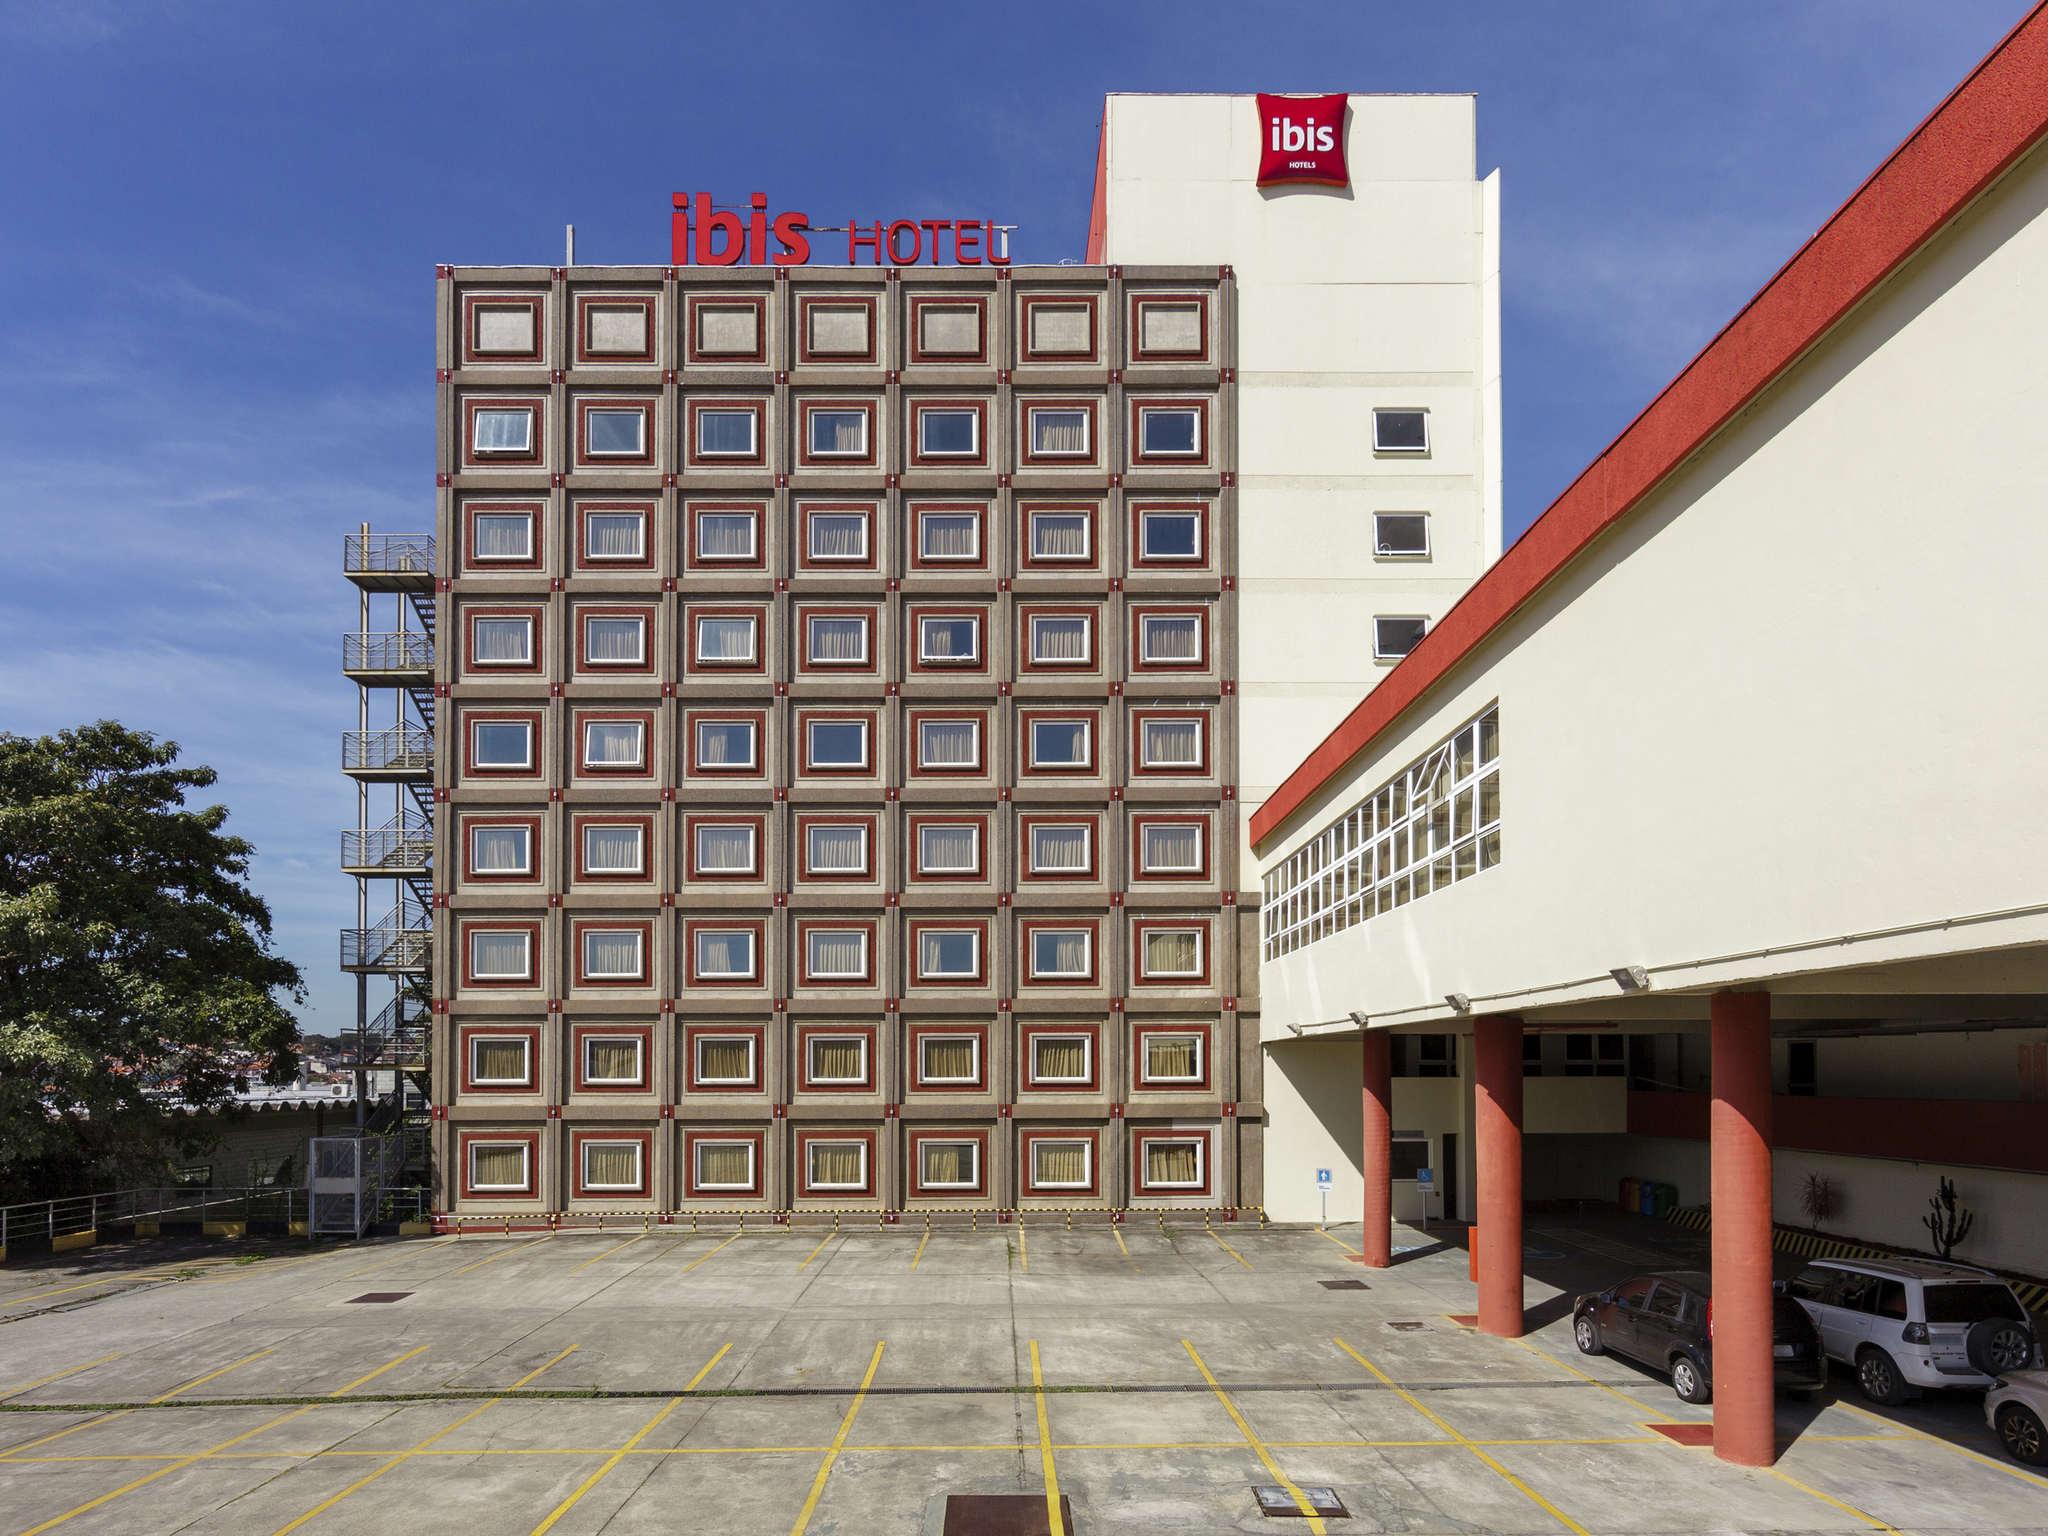 酒店 – 宜必思圣约瑟杜斯坎普斯杜特拉酒店